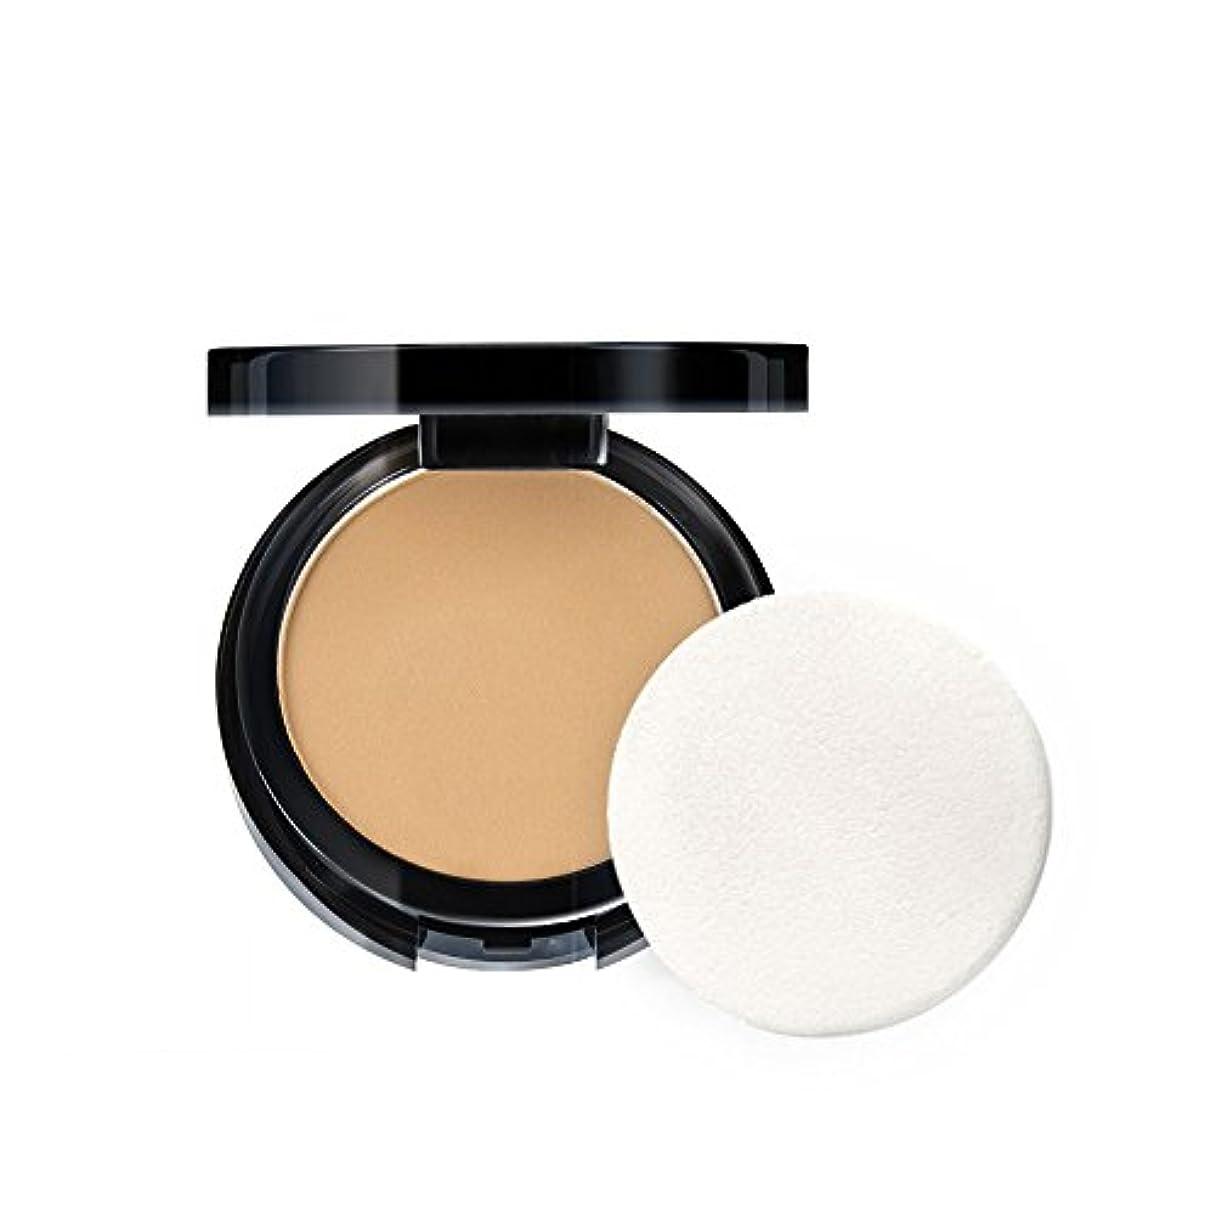 強いカルシウム視力(6 Pack) ABSOLUTE HD Flawless Powder Foundation - Linen (並行輸入品)